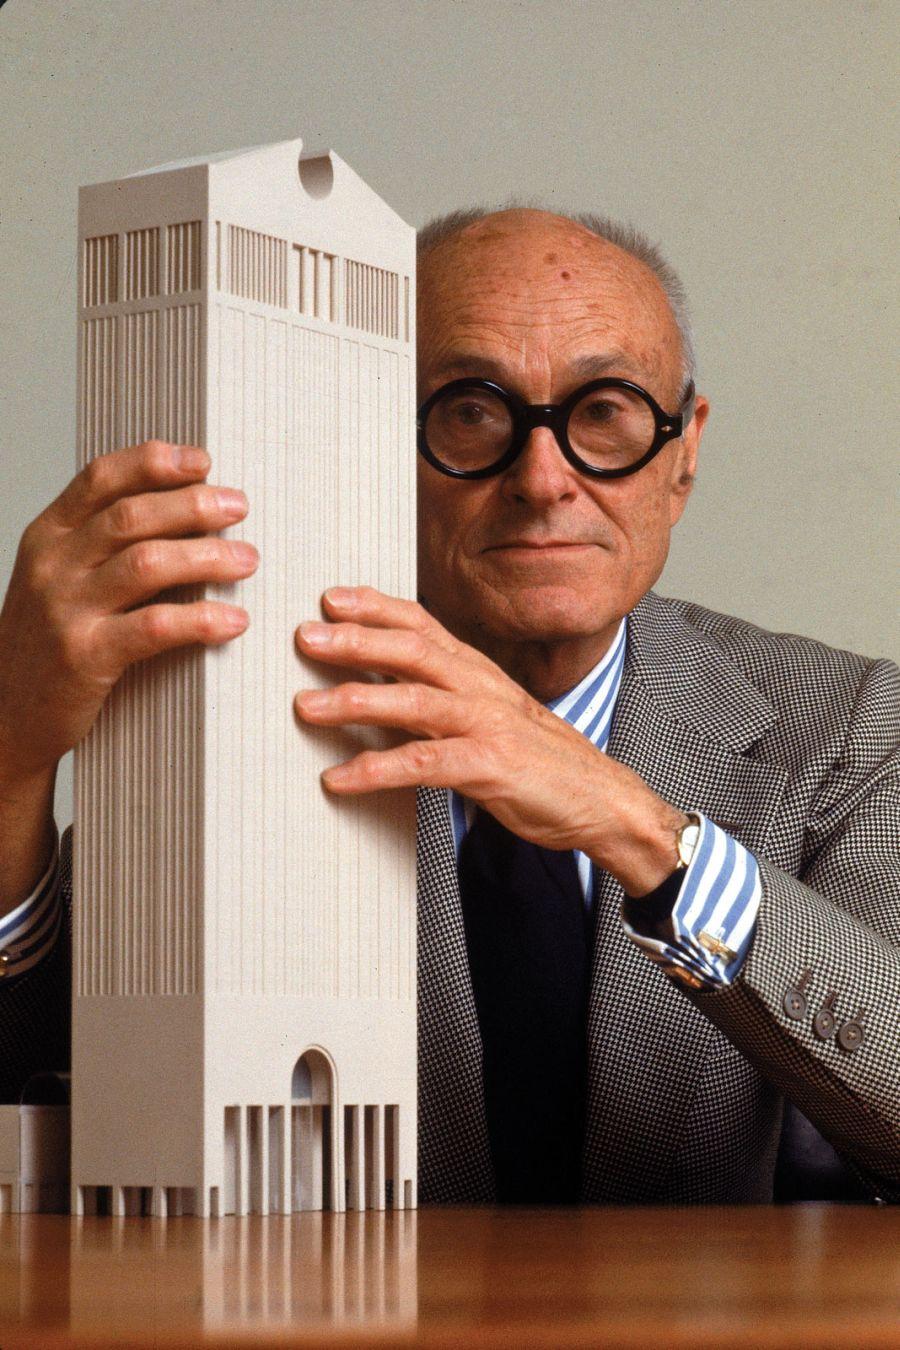 Arquitectos mundialmente famosos comparten con nosotros sus citas más inspiradoras 7